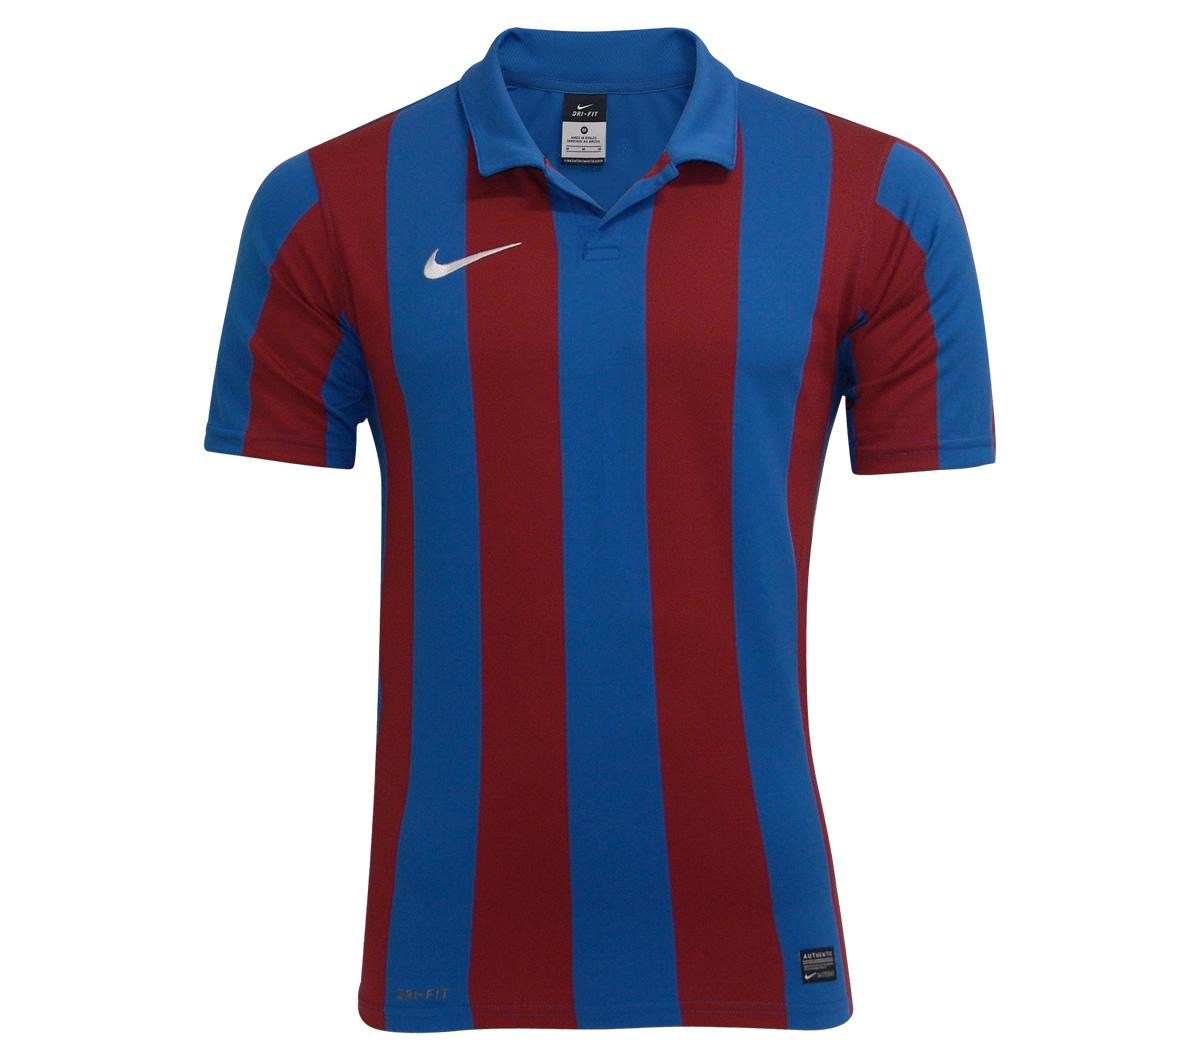 edcf01bdf7b84 Camisa Nike Inter III Stripe Azul e Vinho - Mundo do Futebol